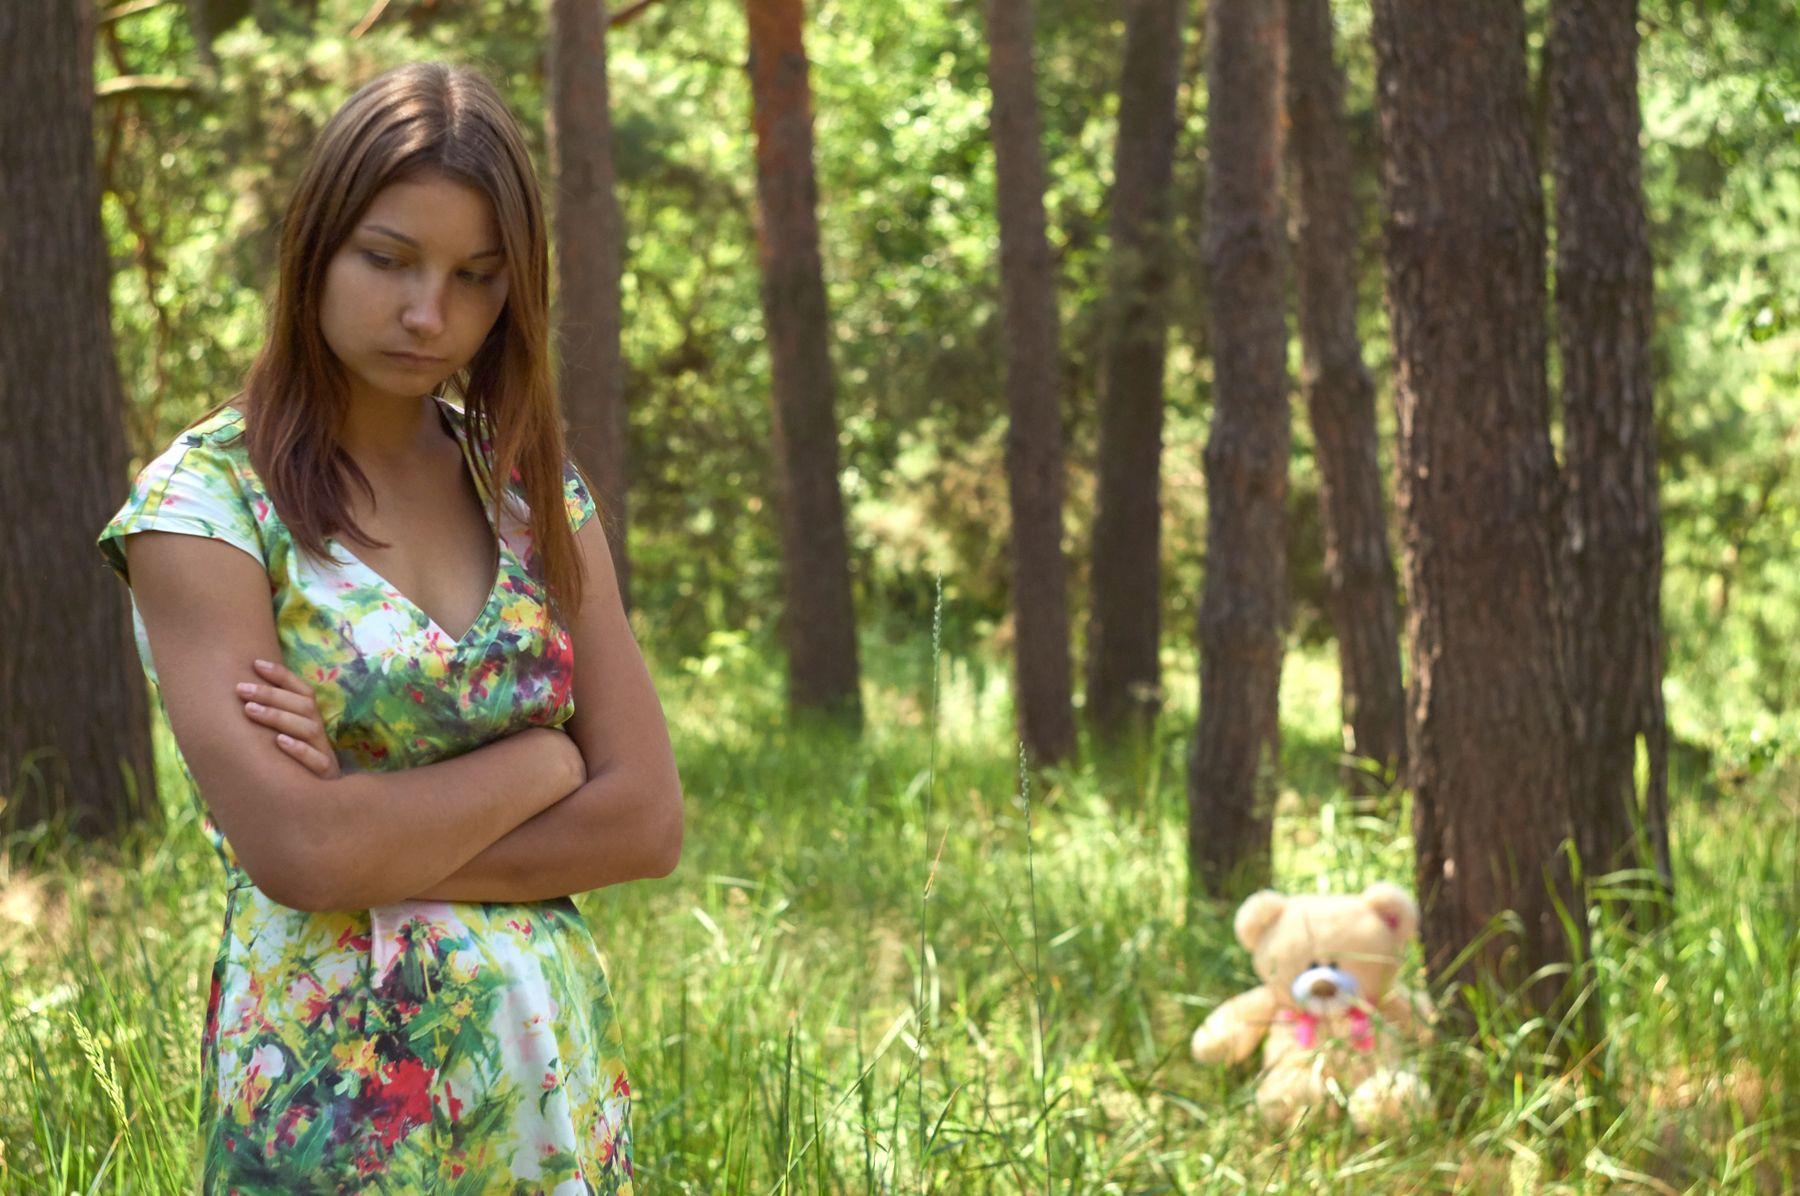 Обида девушка лето портрет модель плюшевый мишка игрушка